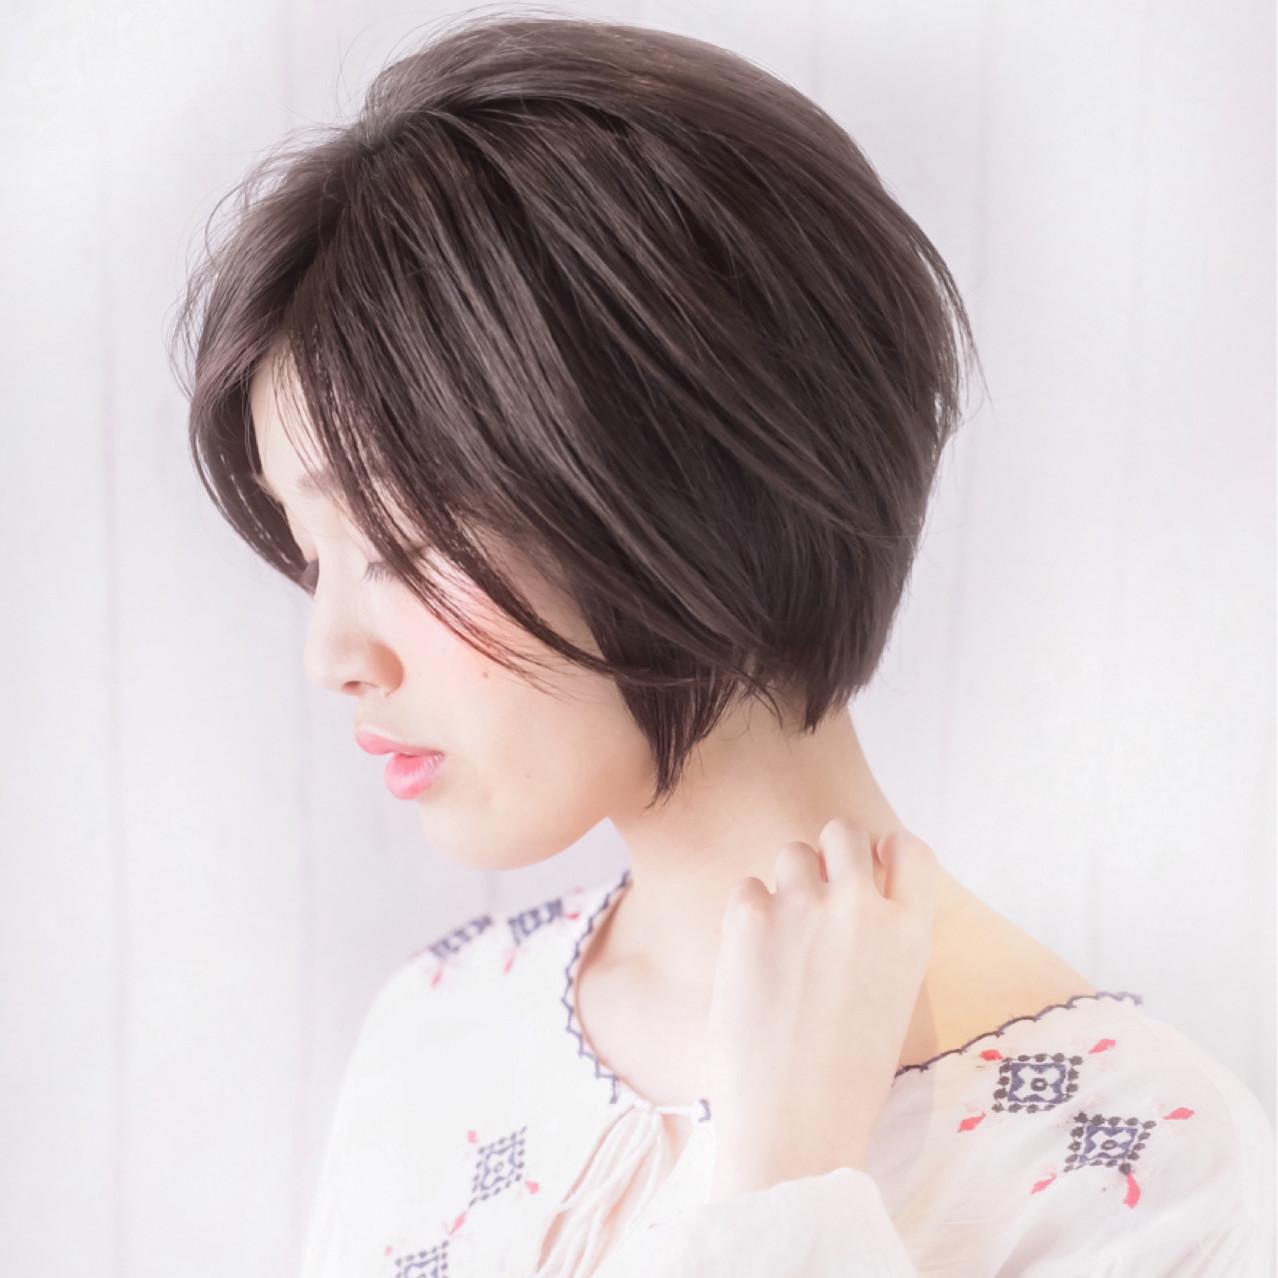 """40代のヘアスタイルは""""ボブ""""で凛とした美しさを手に入れよう"""